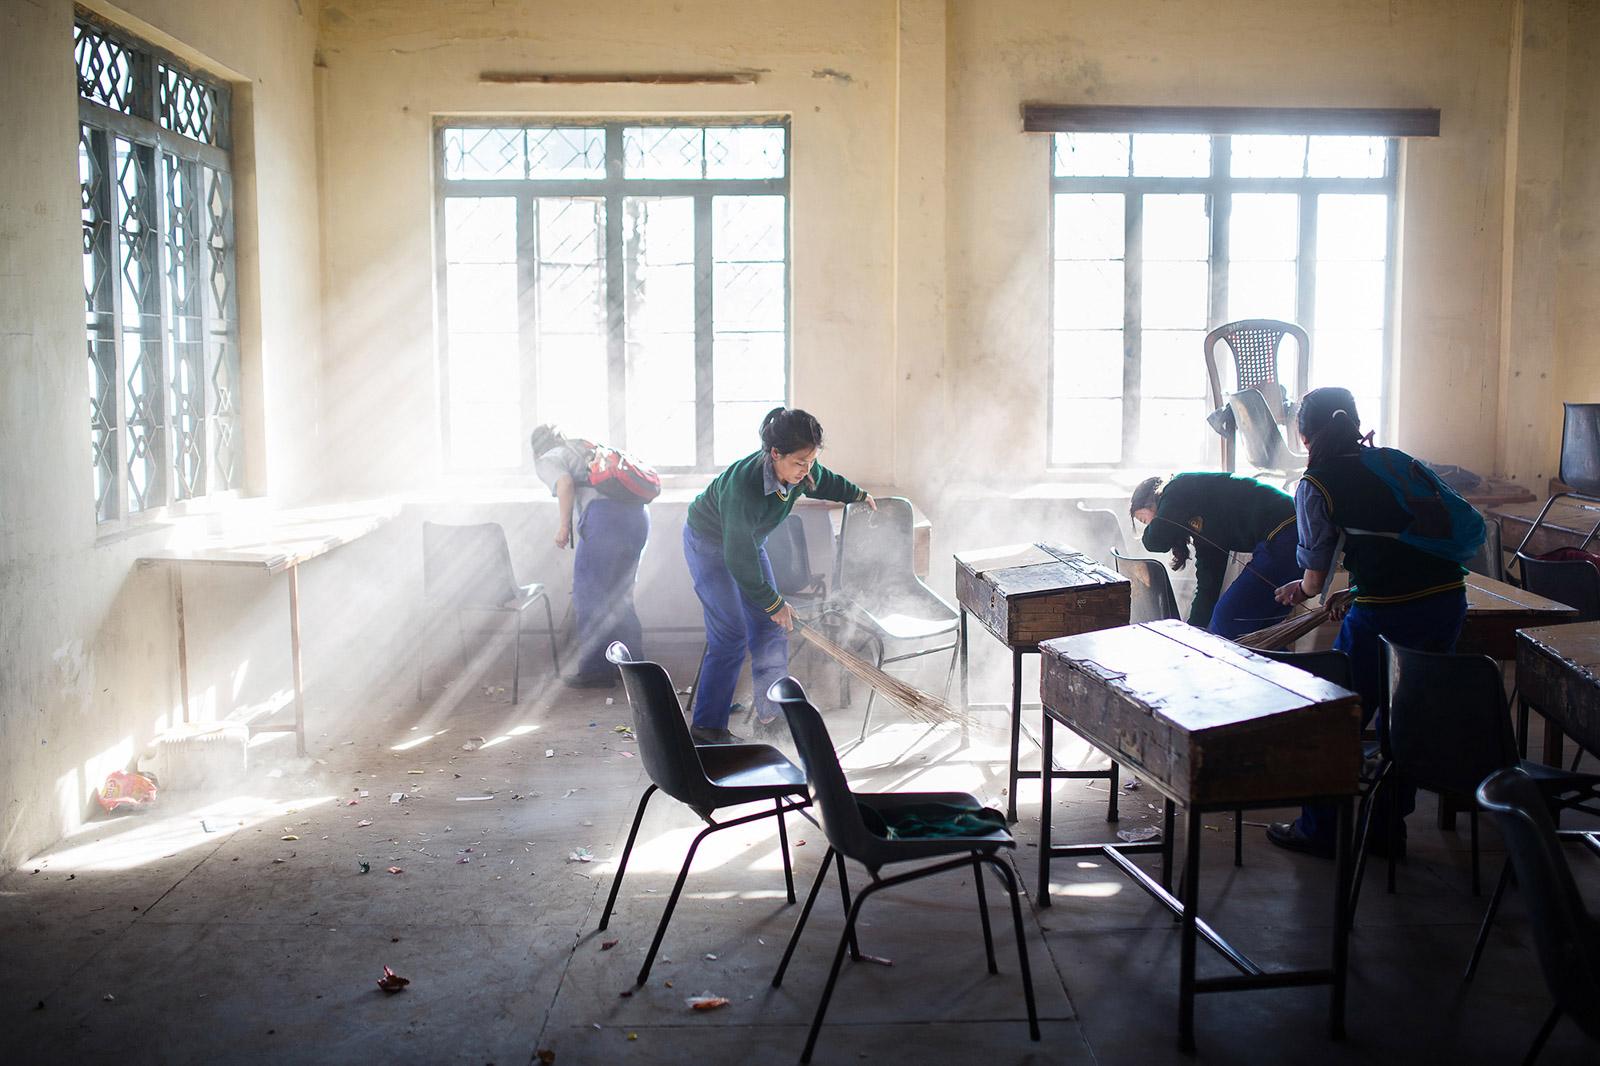 A la fin des cours, vers 16h, les élèves nettoient entièremen